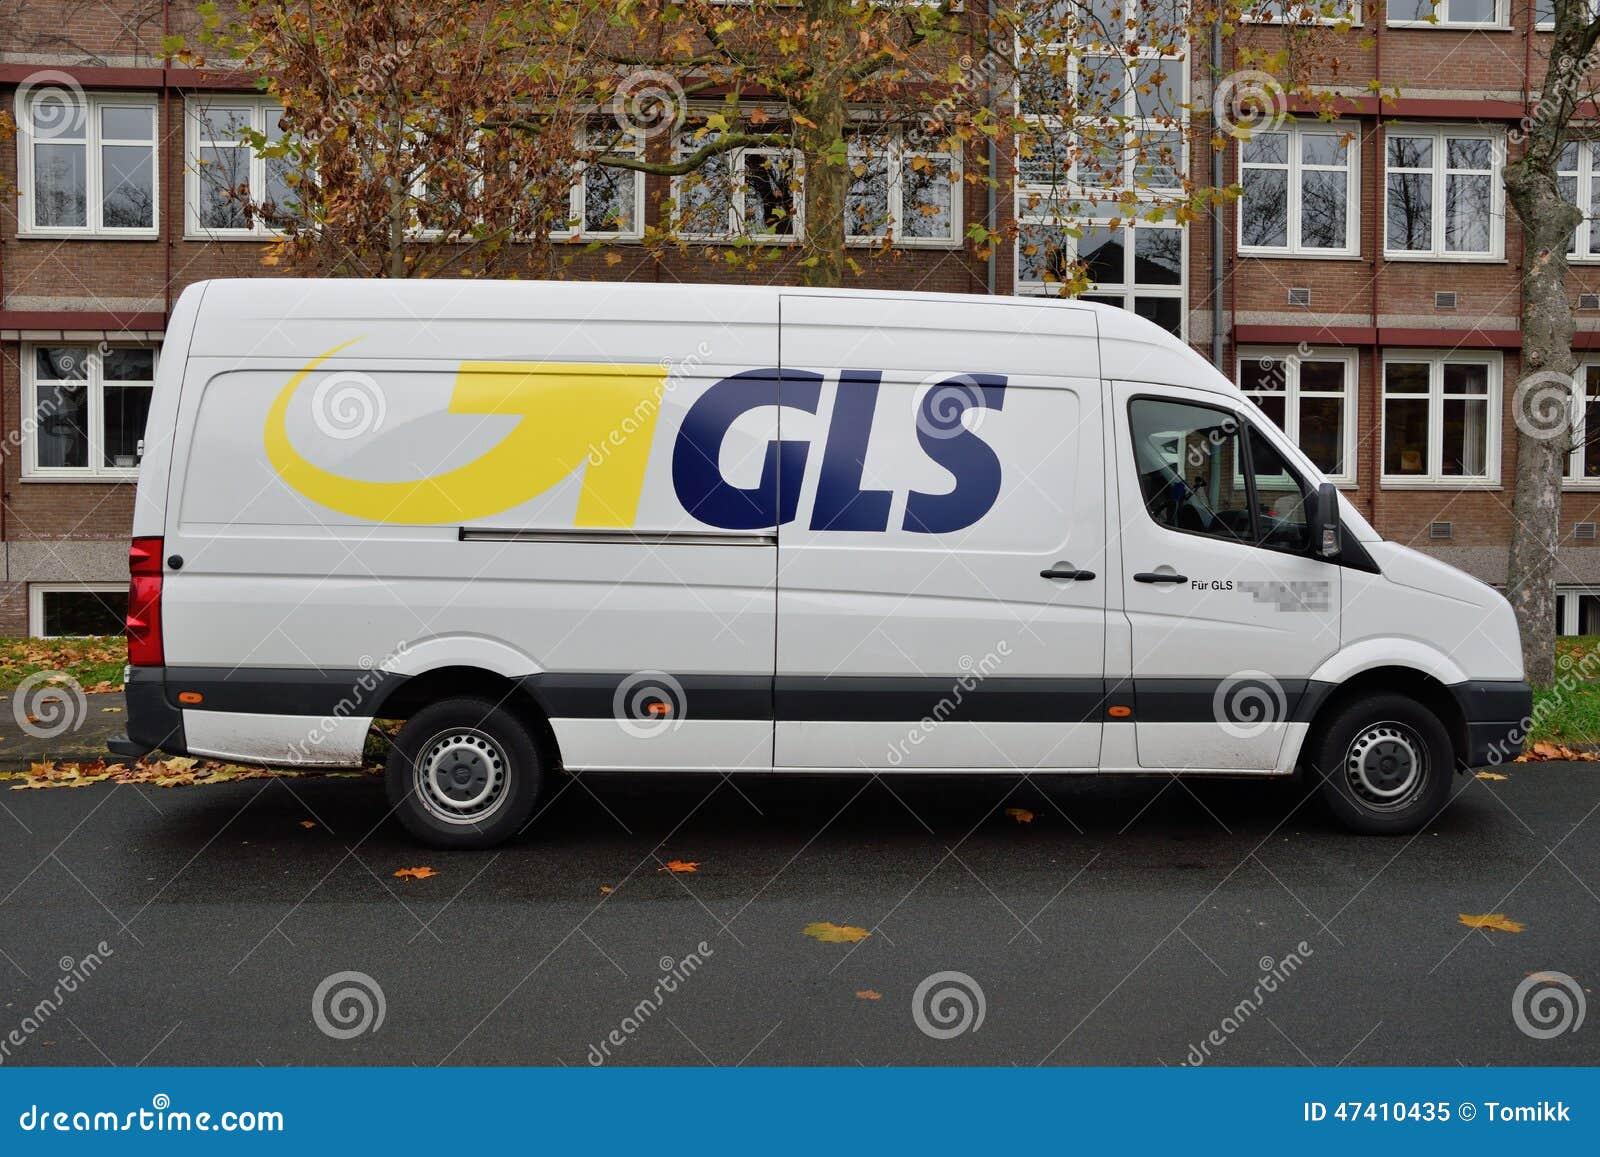 gls courier van delivery service editorial image image 47410435. Black Bedroom Furniture Sets. Home Design Ideas